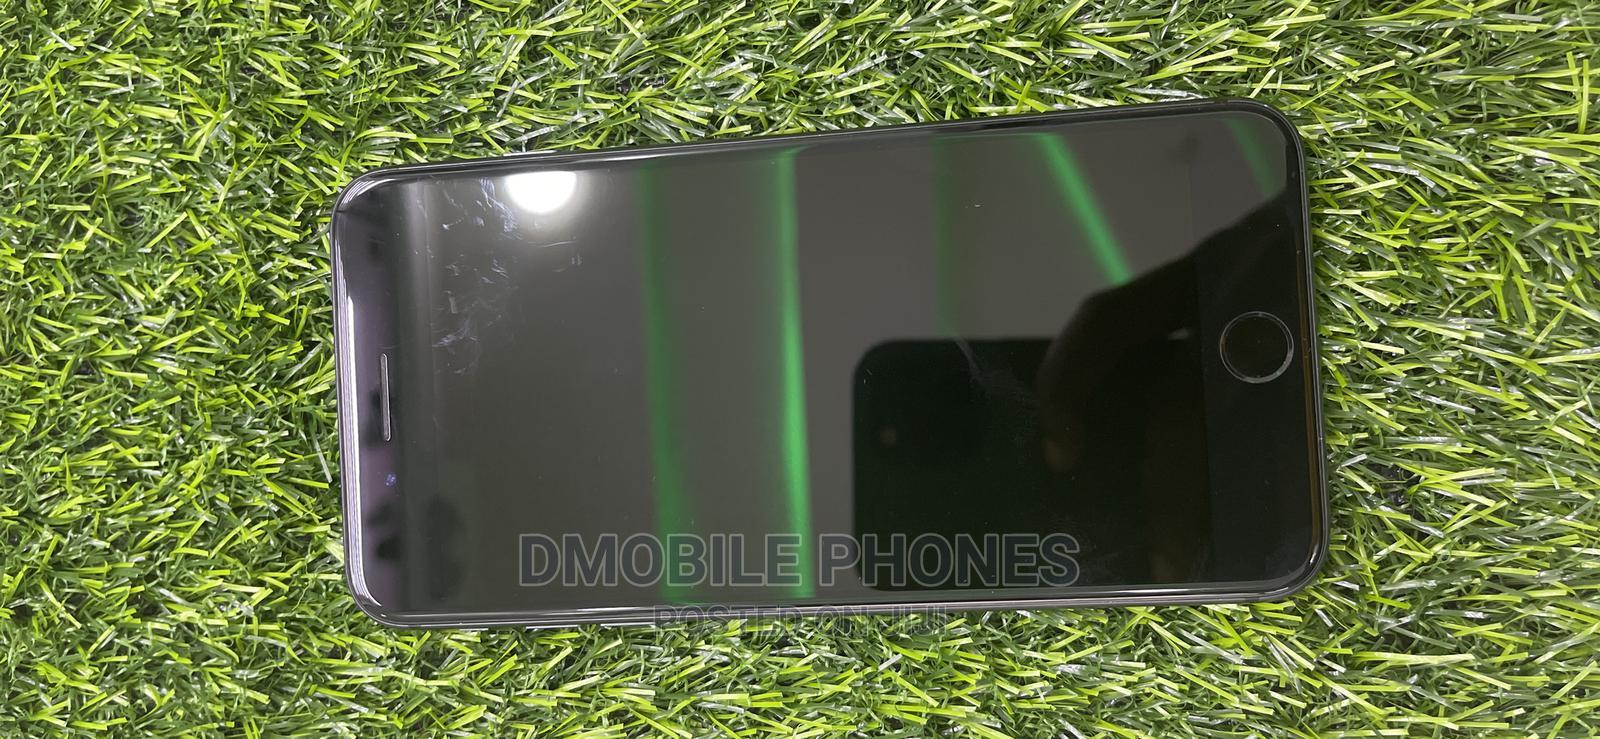 Apple iPhone 8 Plus 64 GB Black | Mobile Phones for sale in Warri, Delta State, Nigeria